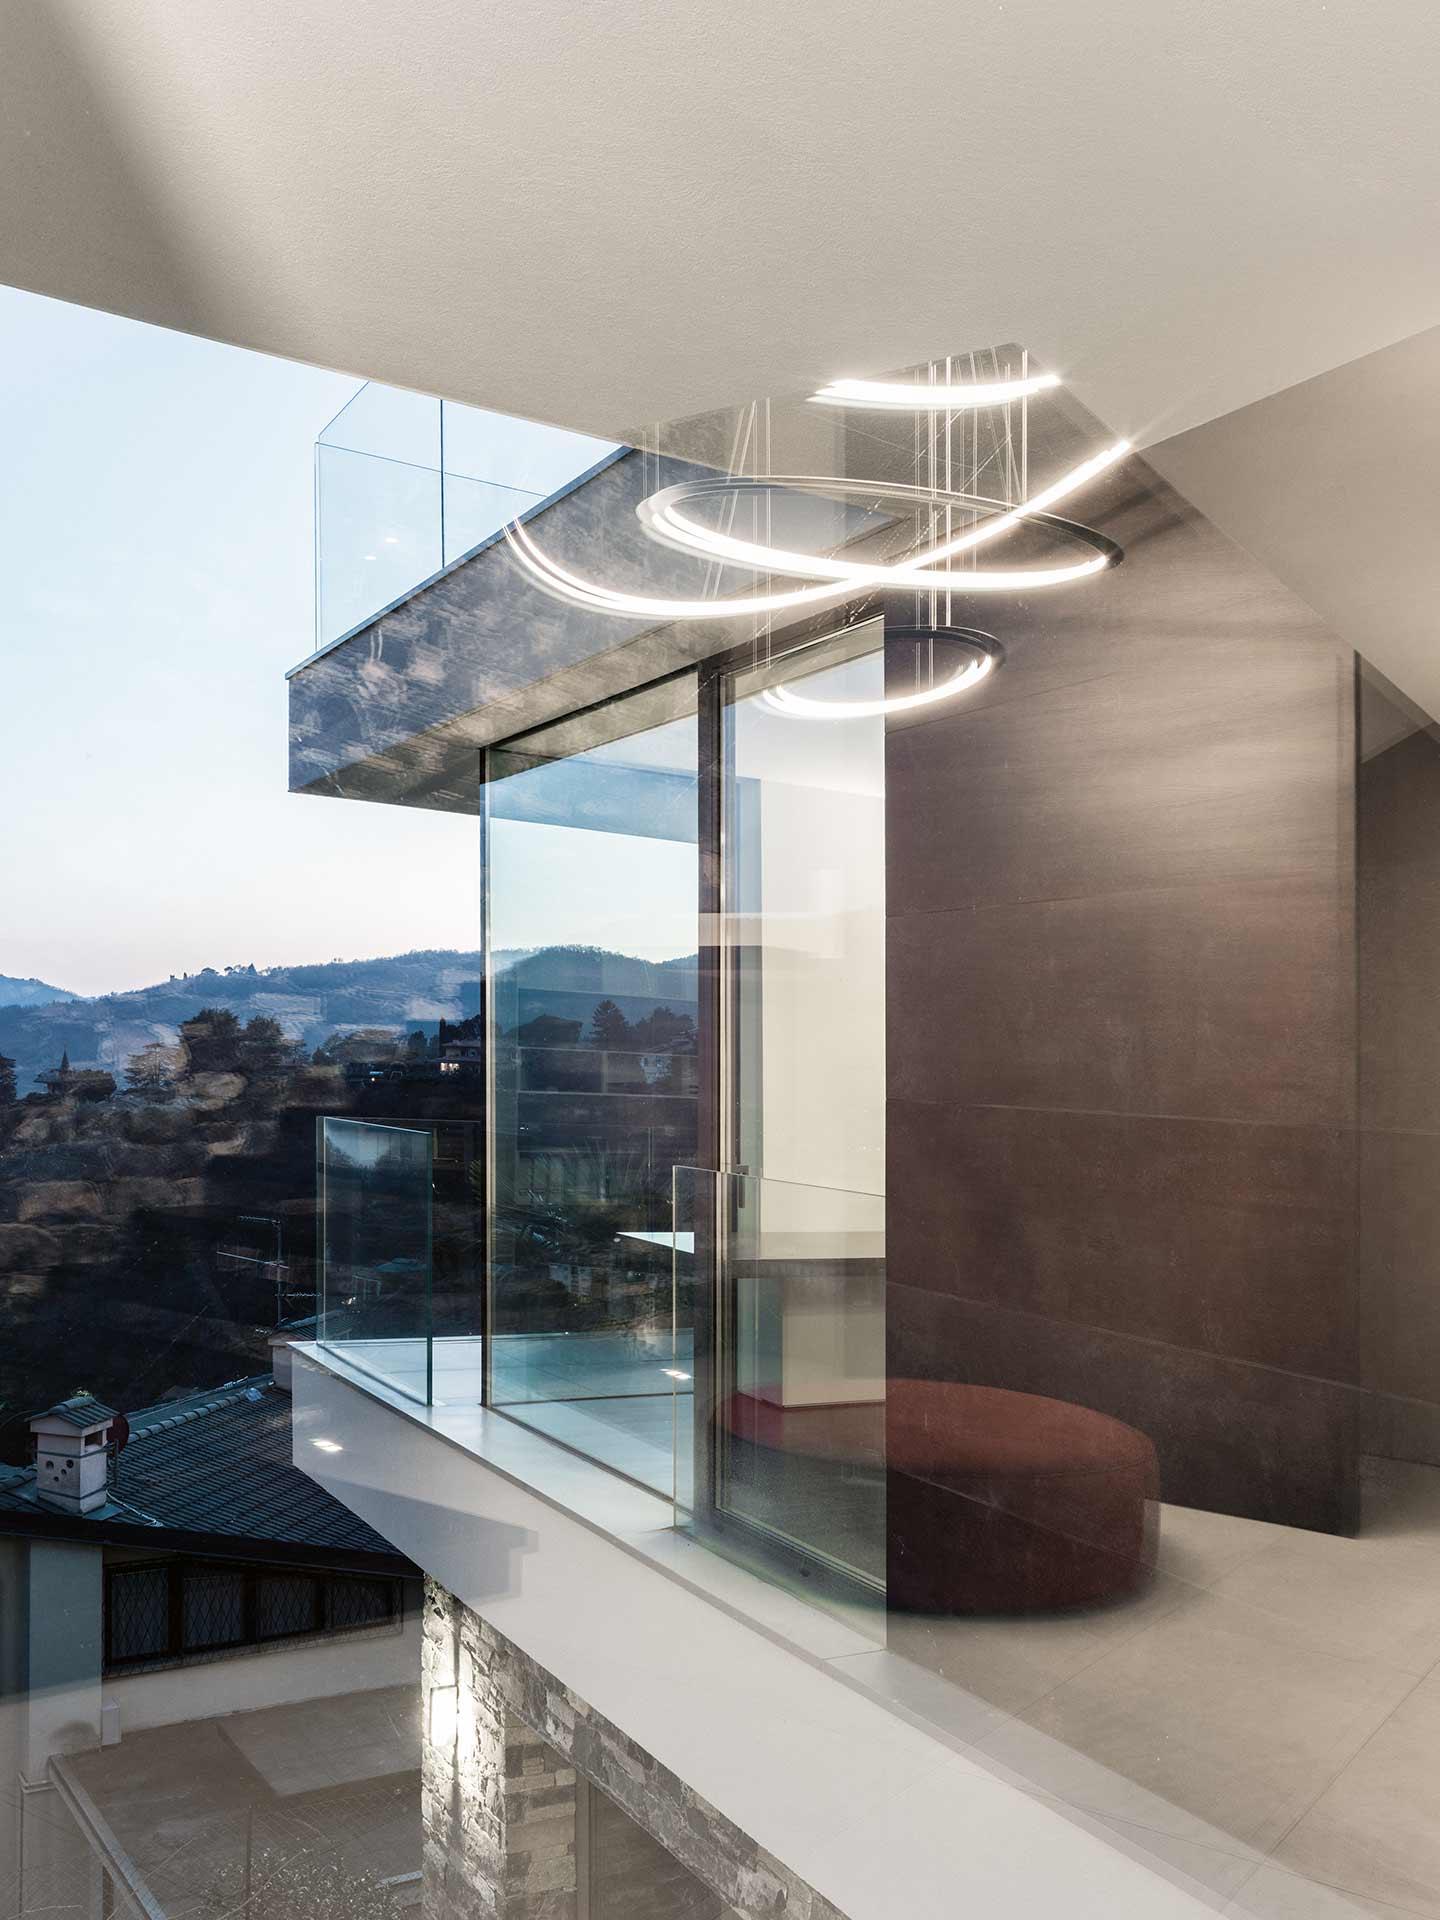 Art Metal: serramenti in residenza unifamiliare a Cernobbio, Como.